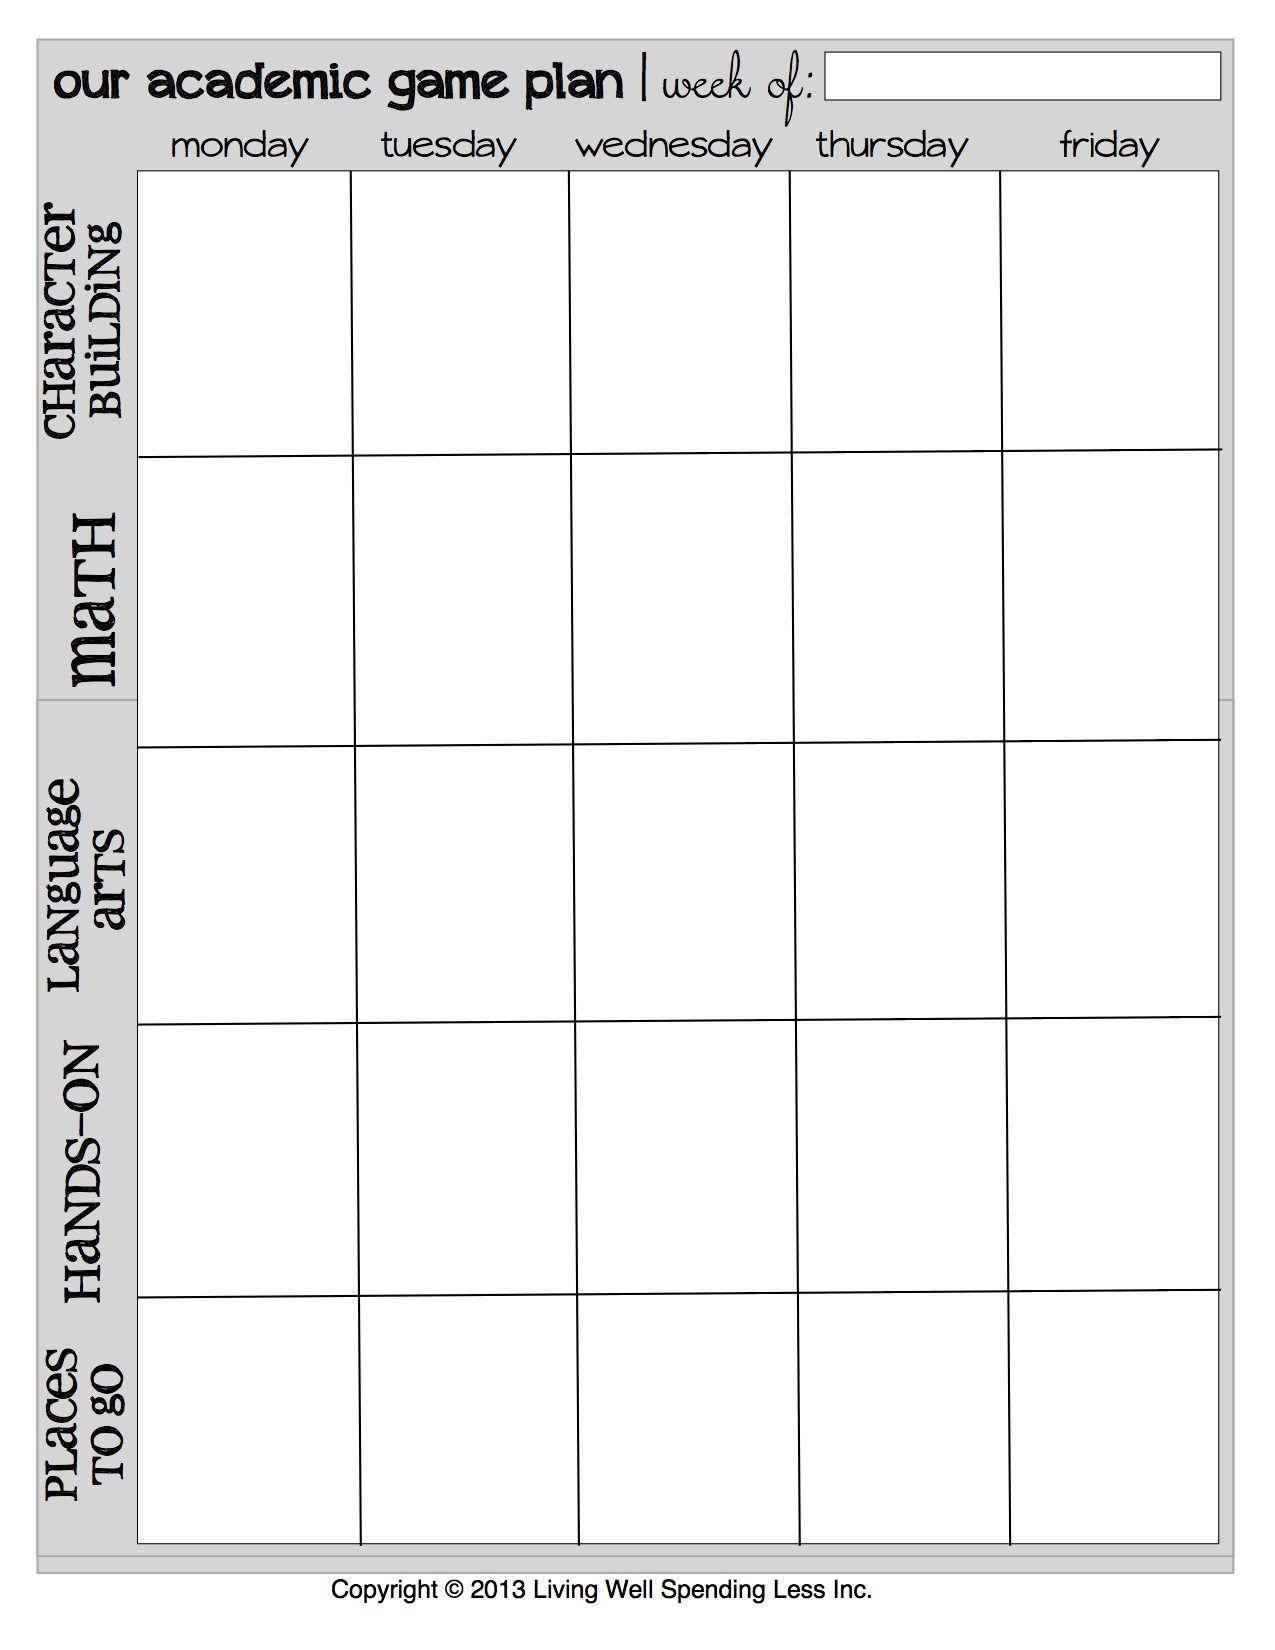 Free Printable Homeschool Weekly Academic Game Plan